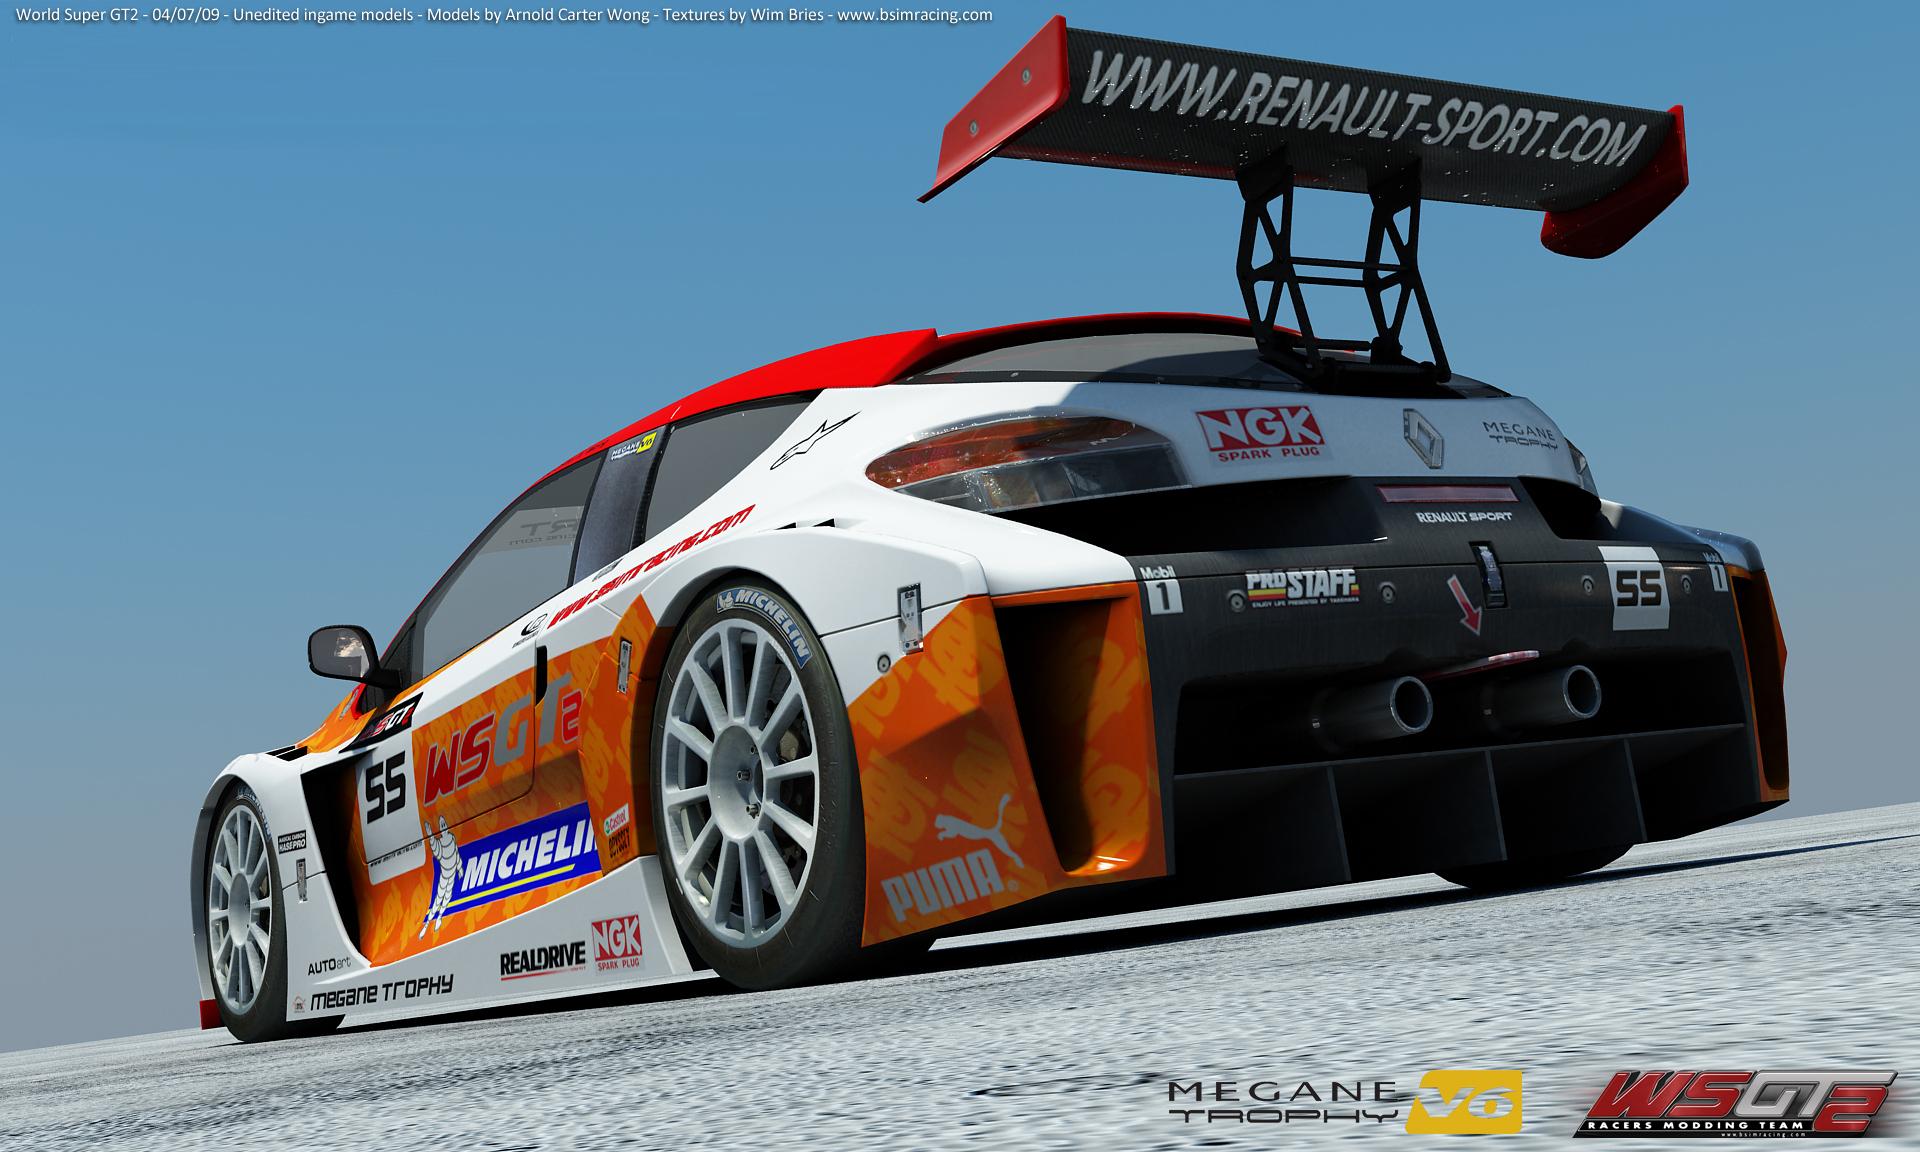 Renault Nouvelle Megane Ccupe 2014 | Autos Weblog